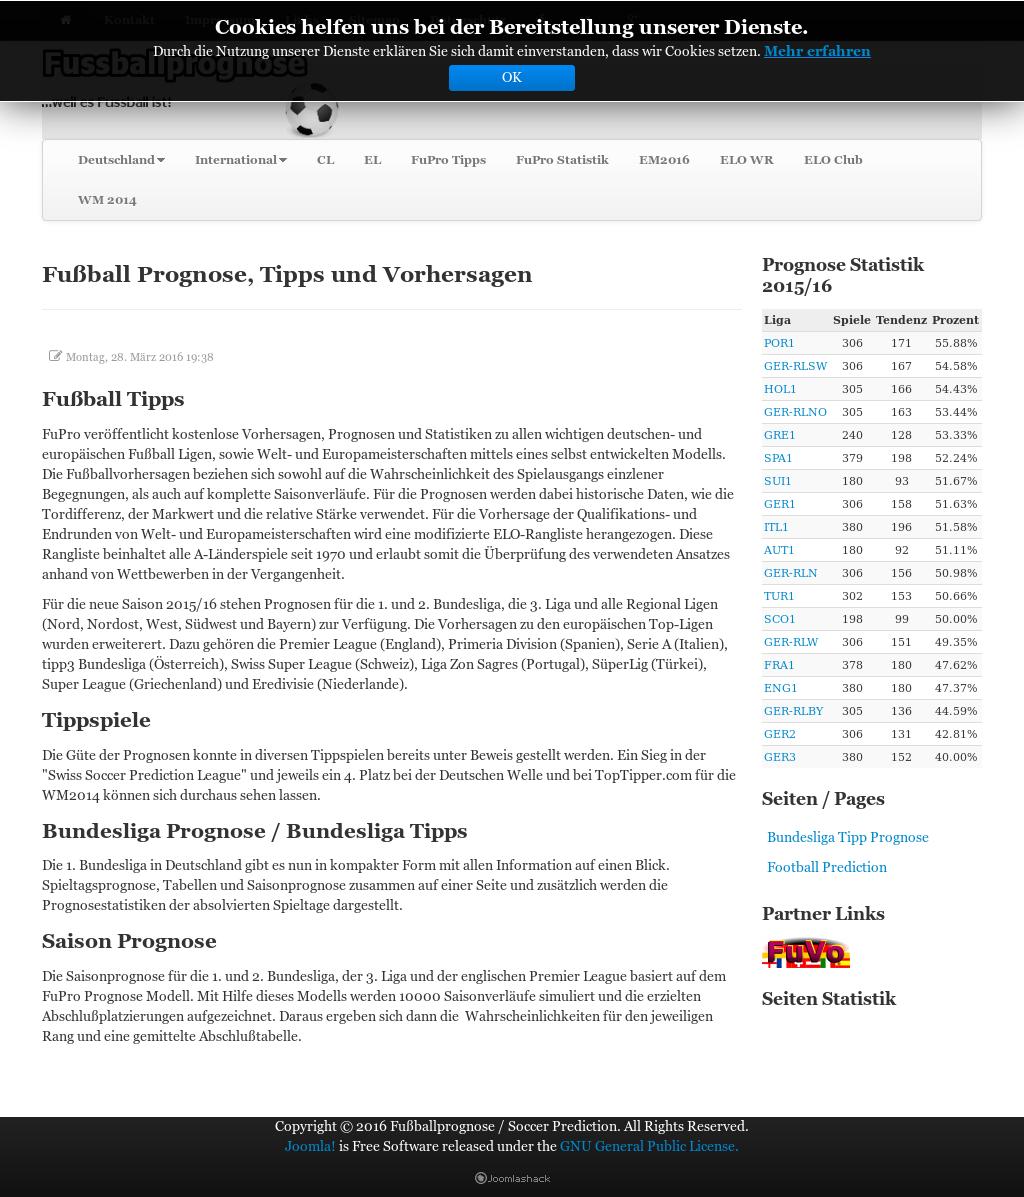 Fussballprognose